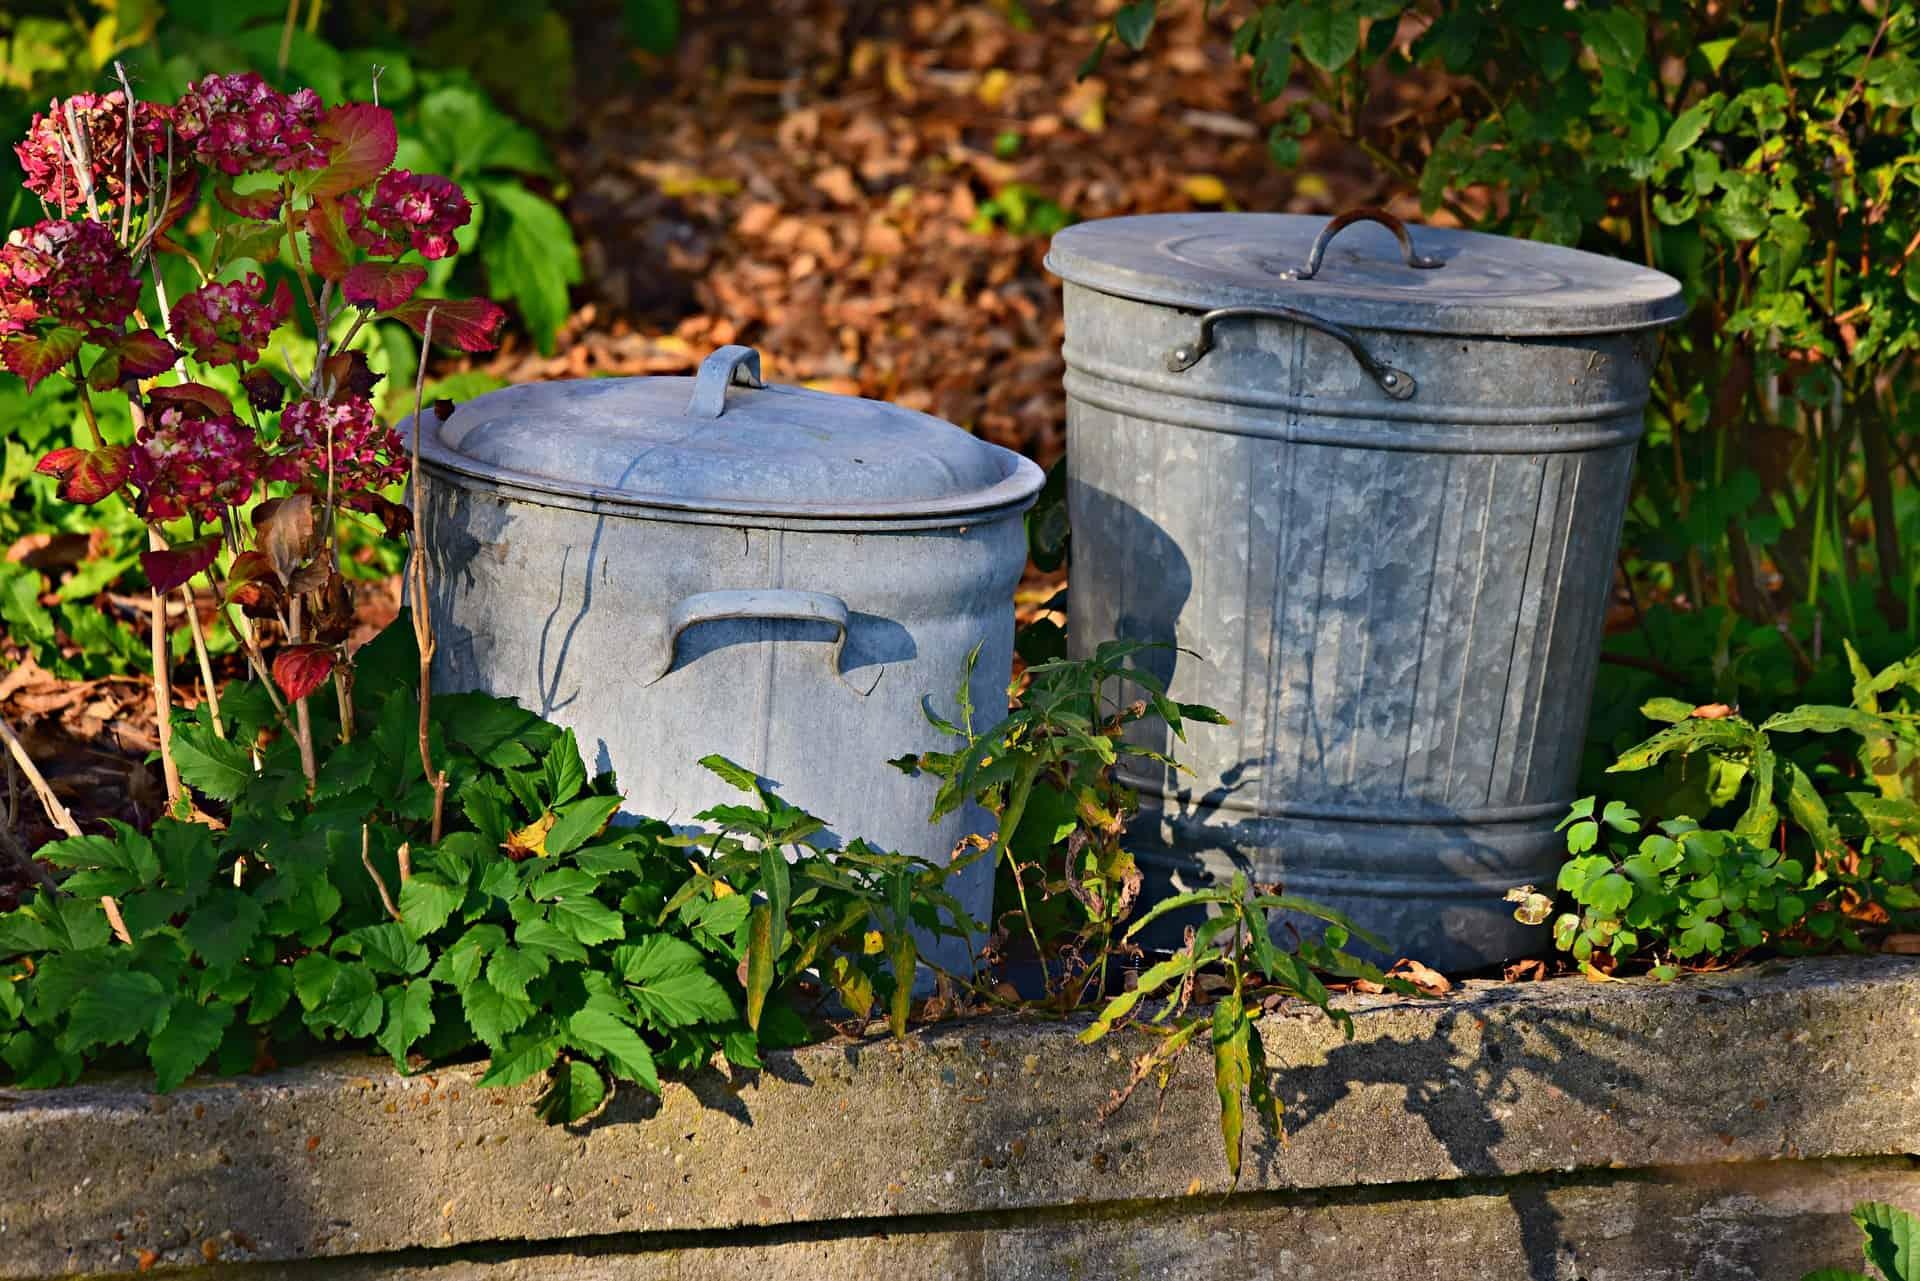 Gartenabfälle - Entsorgung - Tonne - Heidelberg - Grünschnitt und Gartenabfälle